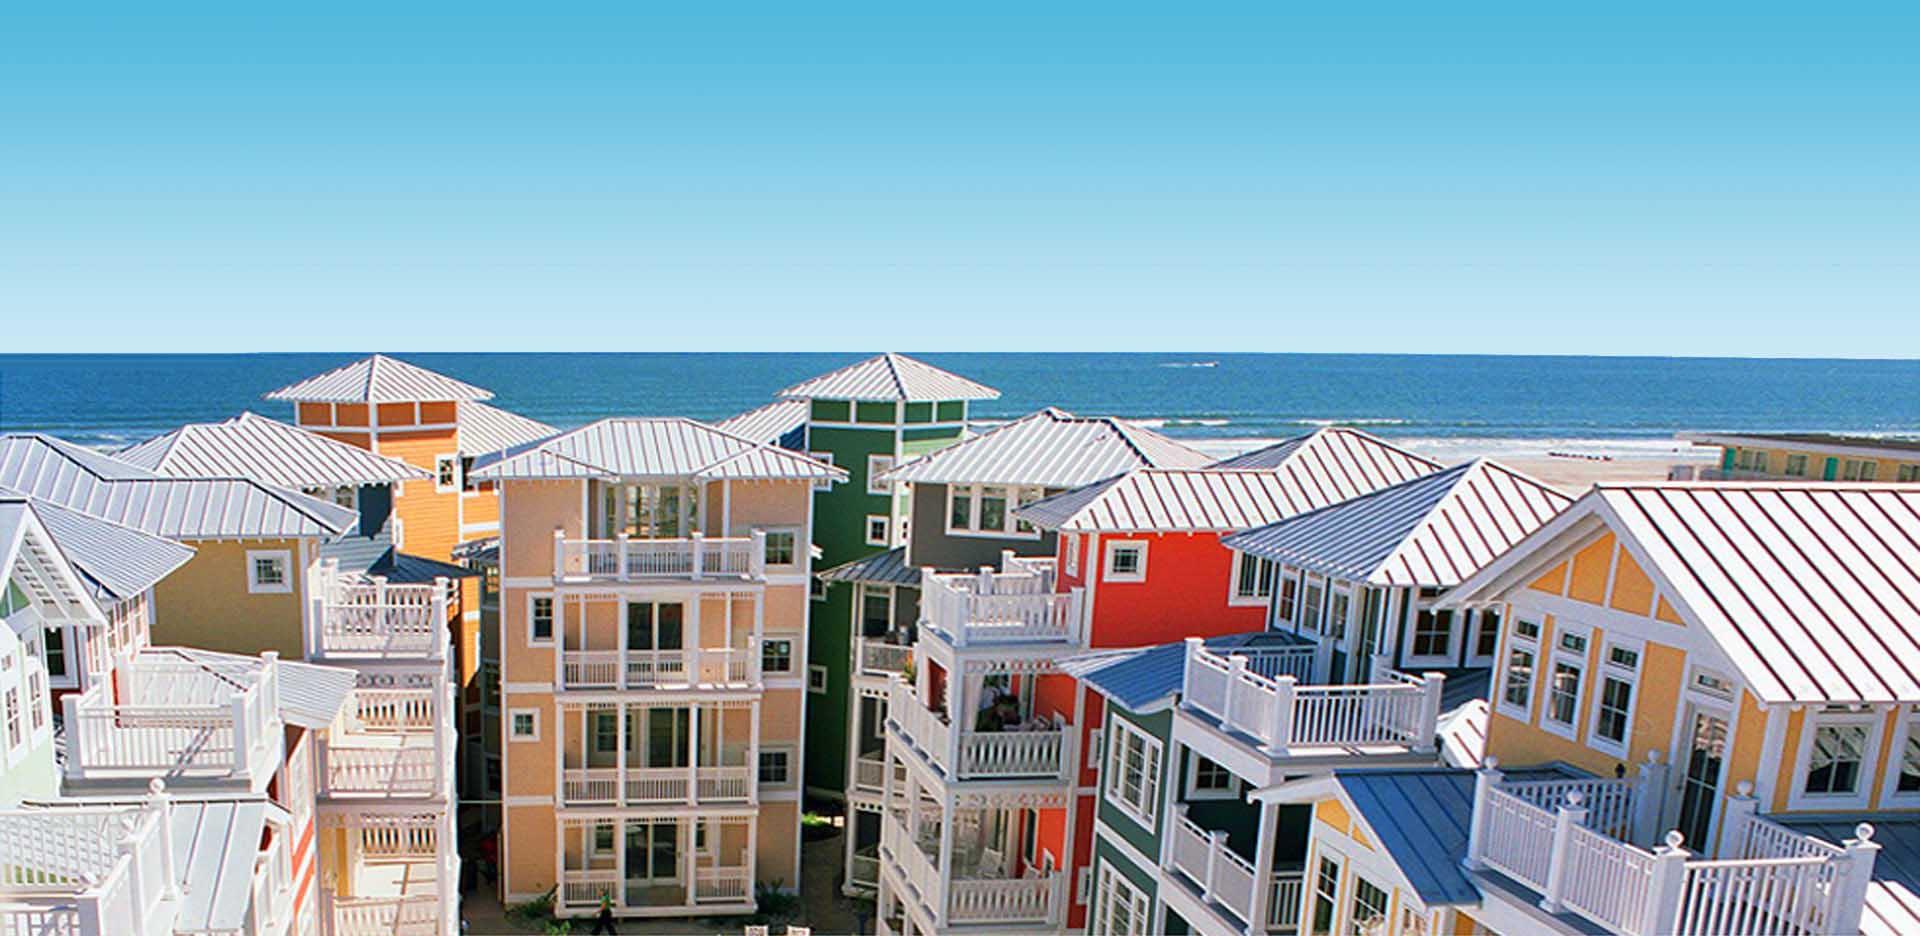 North Beach Nj Rentals